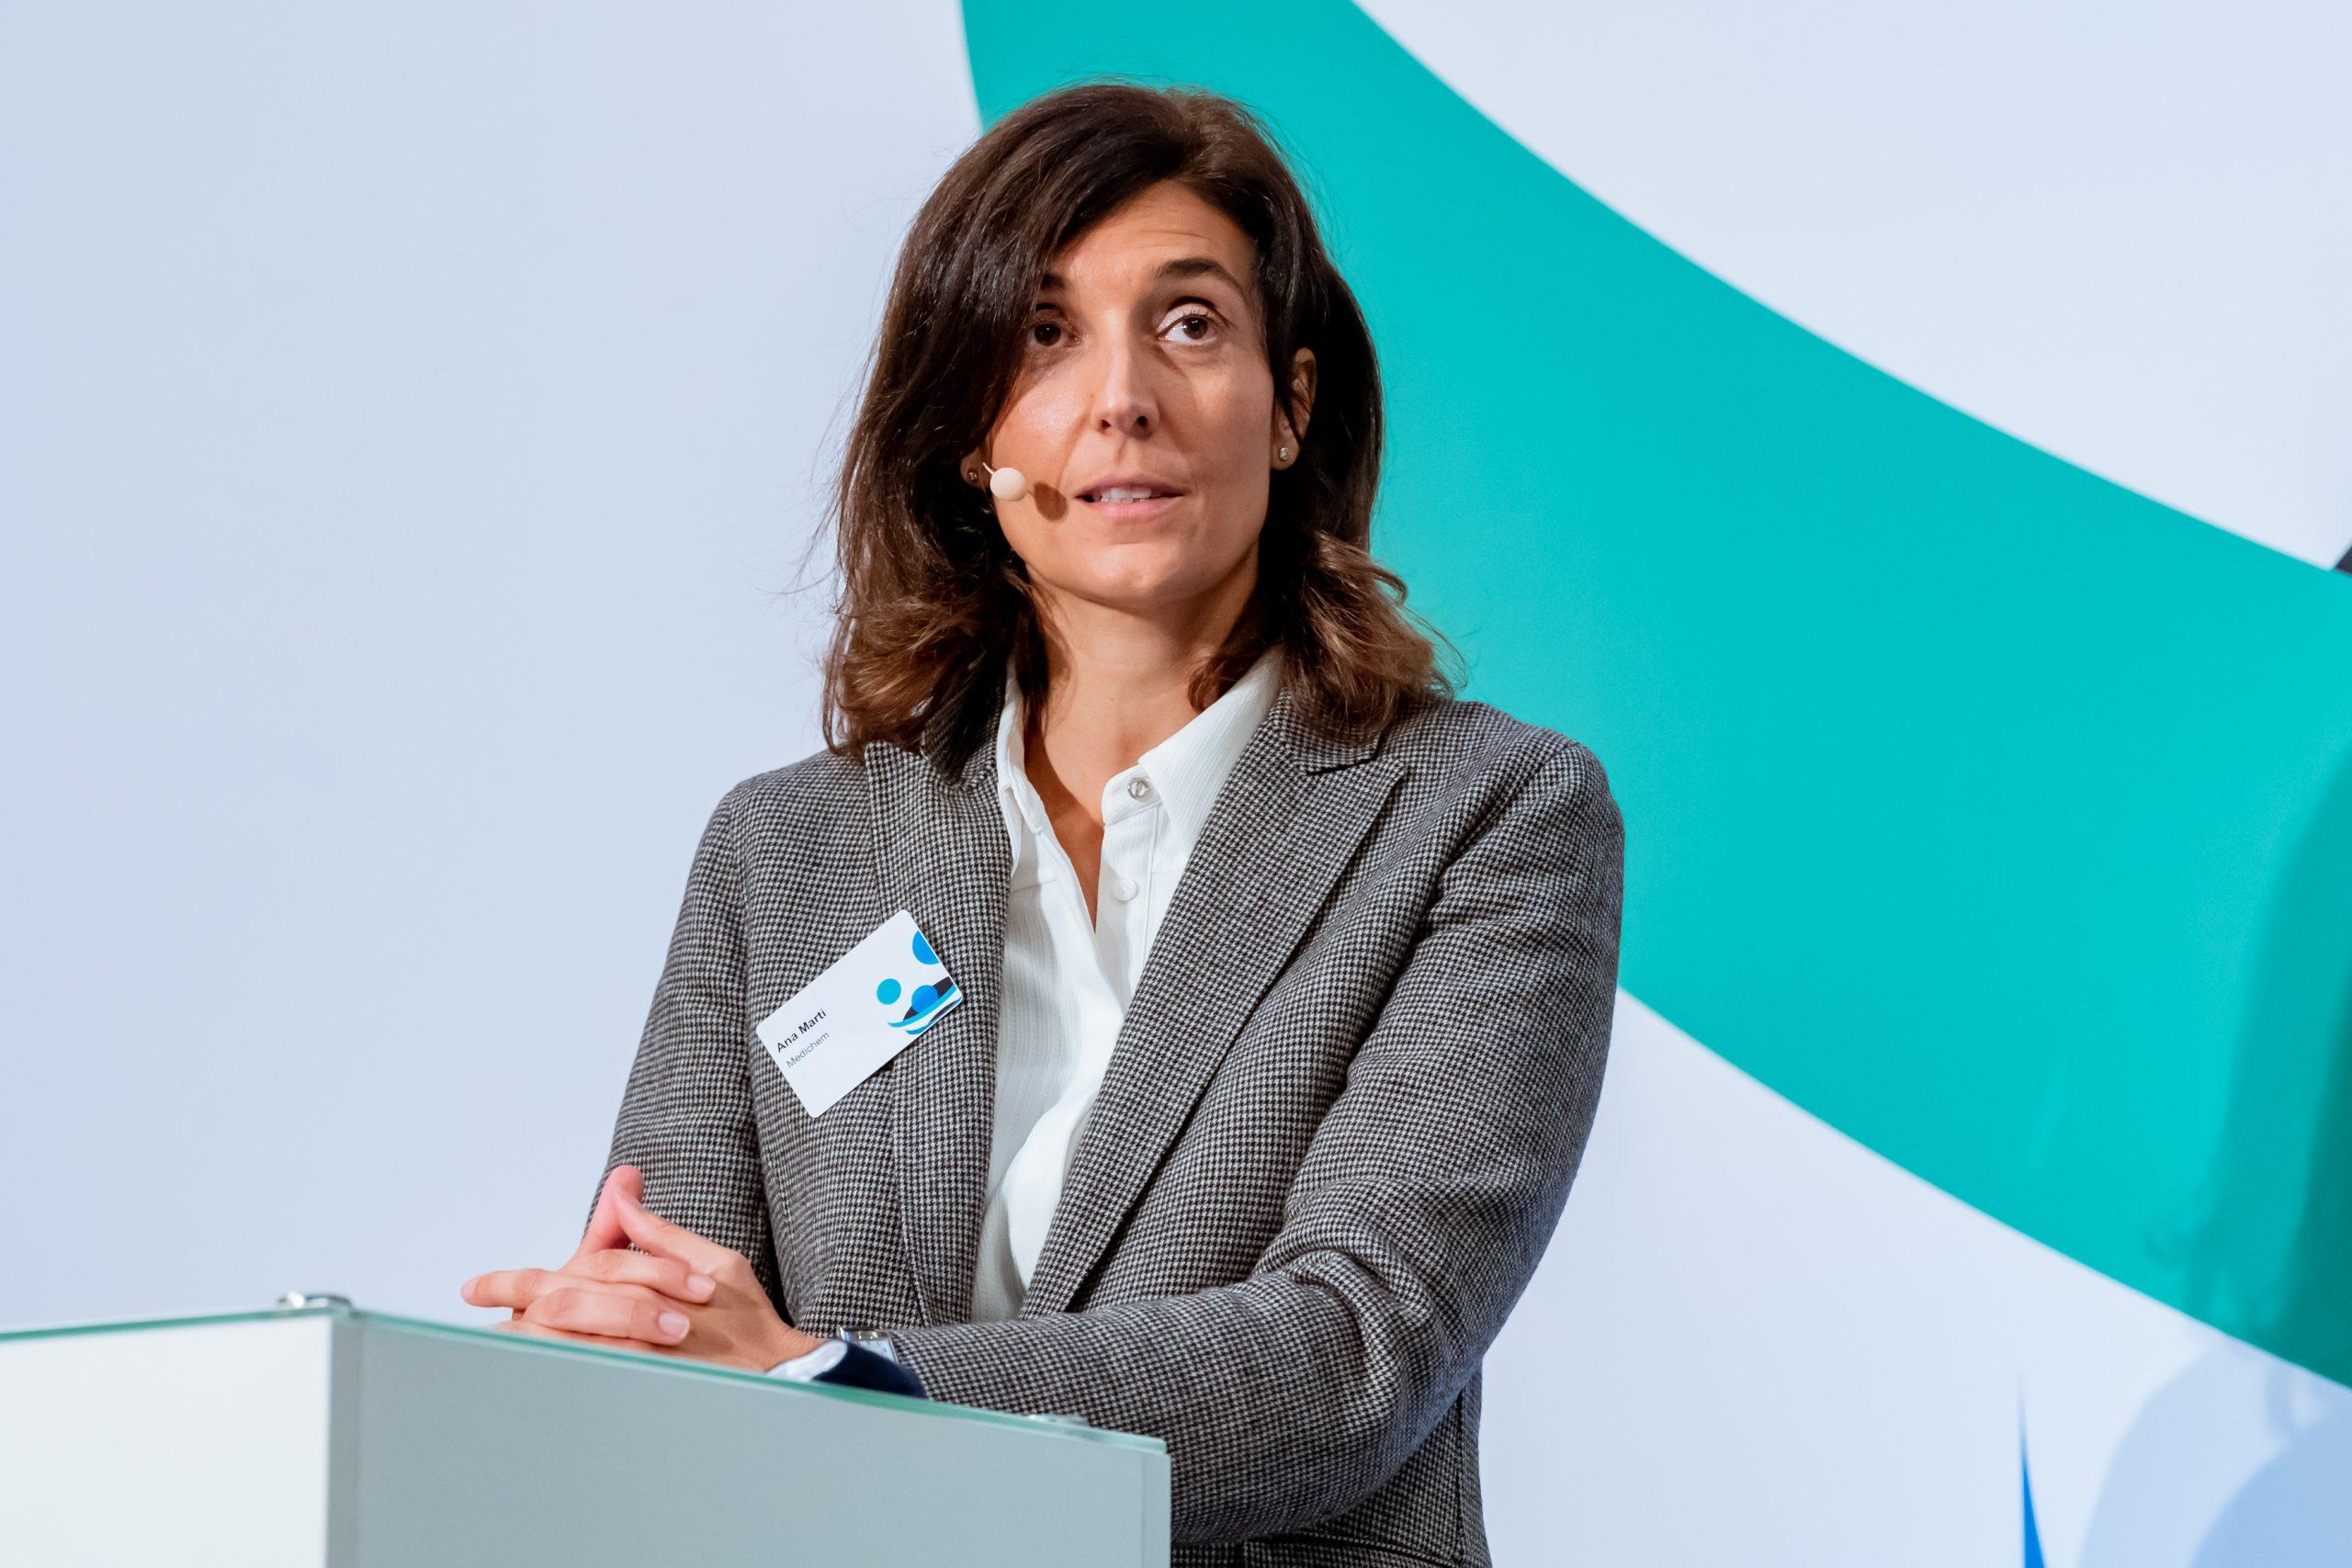 Für eine gute und sichere Arzneimittelversorgung in Europa